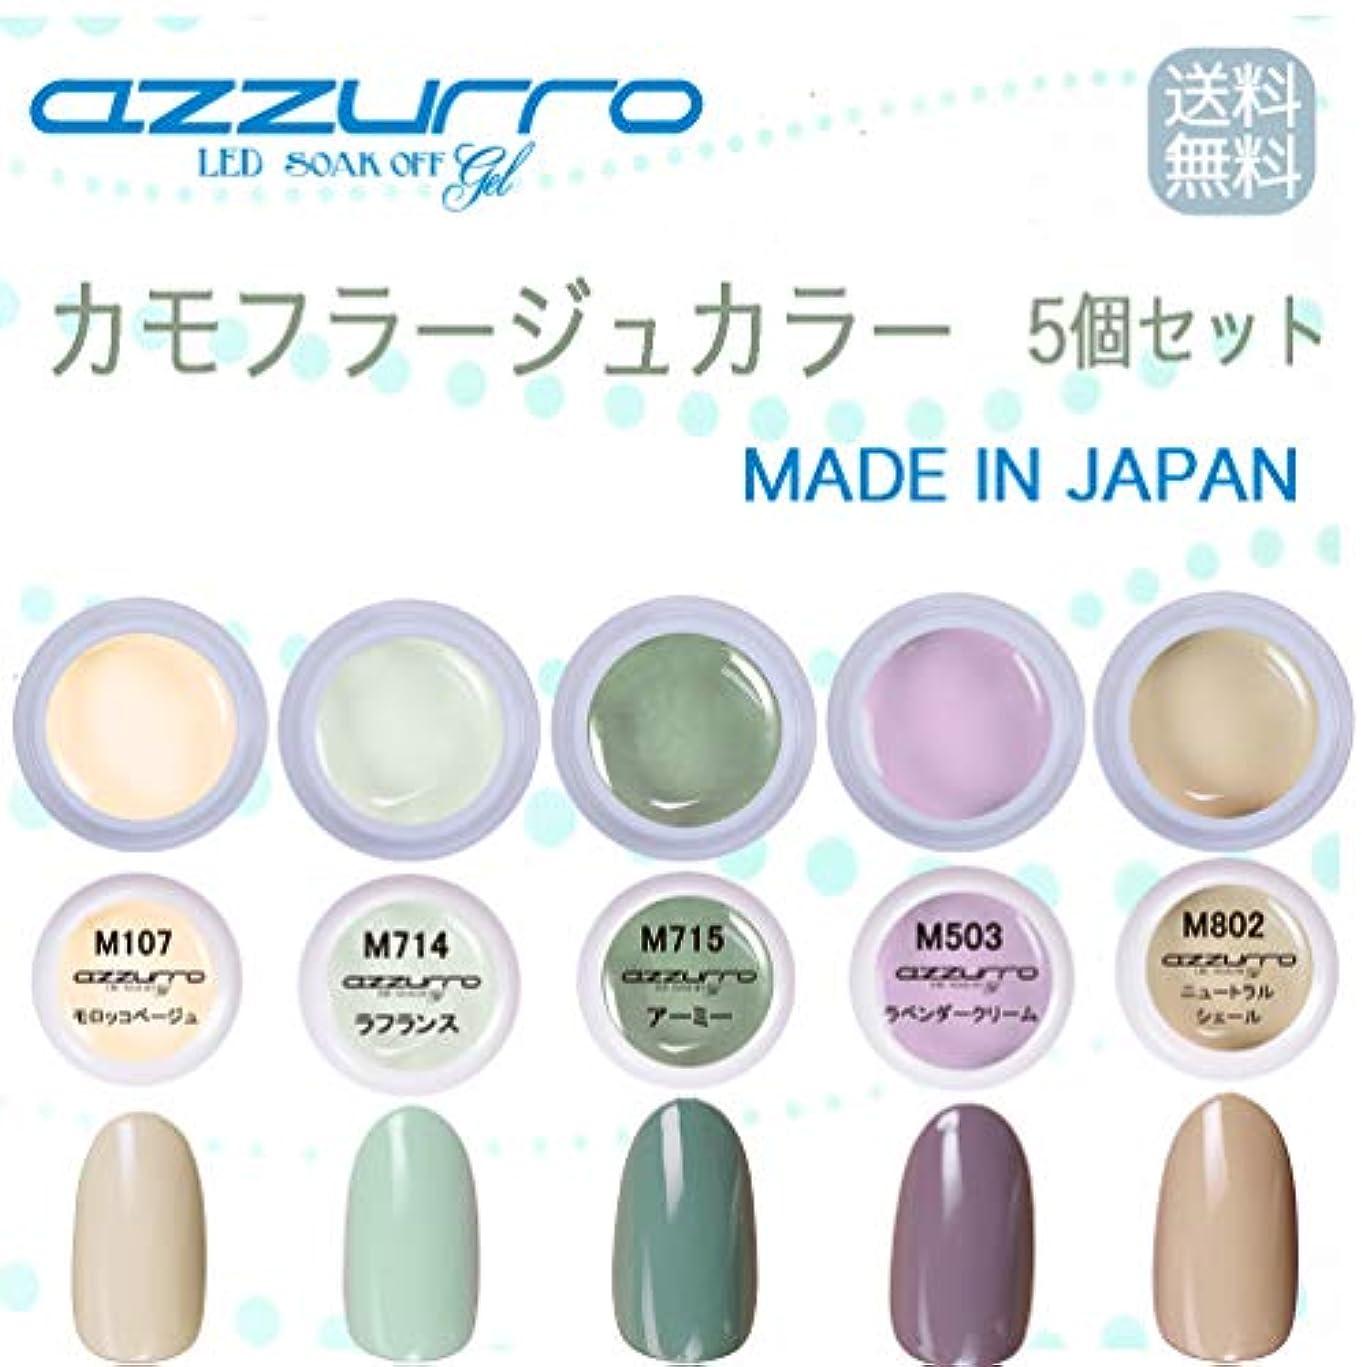 熱帯のブレース信仰【送料無料】日本製 azzurro gel カモフラージュカラージェル5個セット 春にピッタリでクールなトレンドカラーのカモフラージュカラー